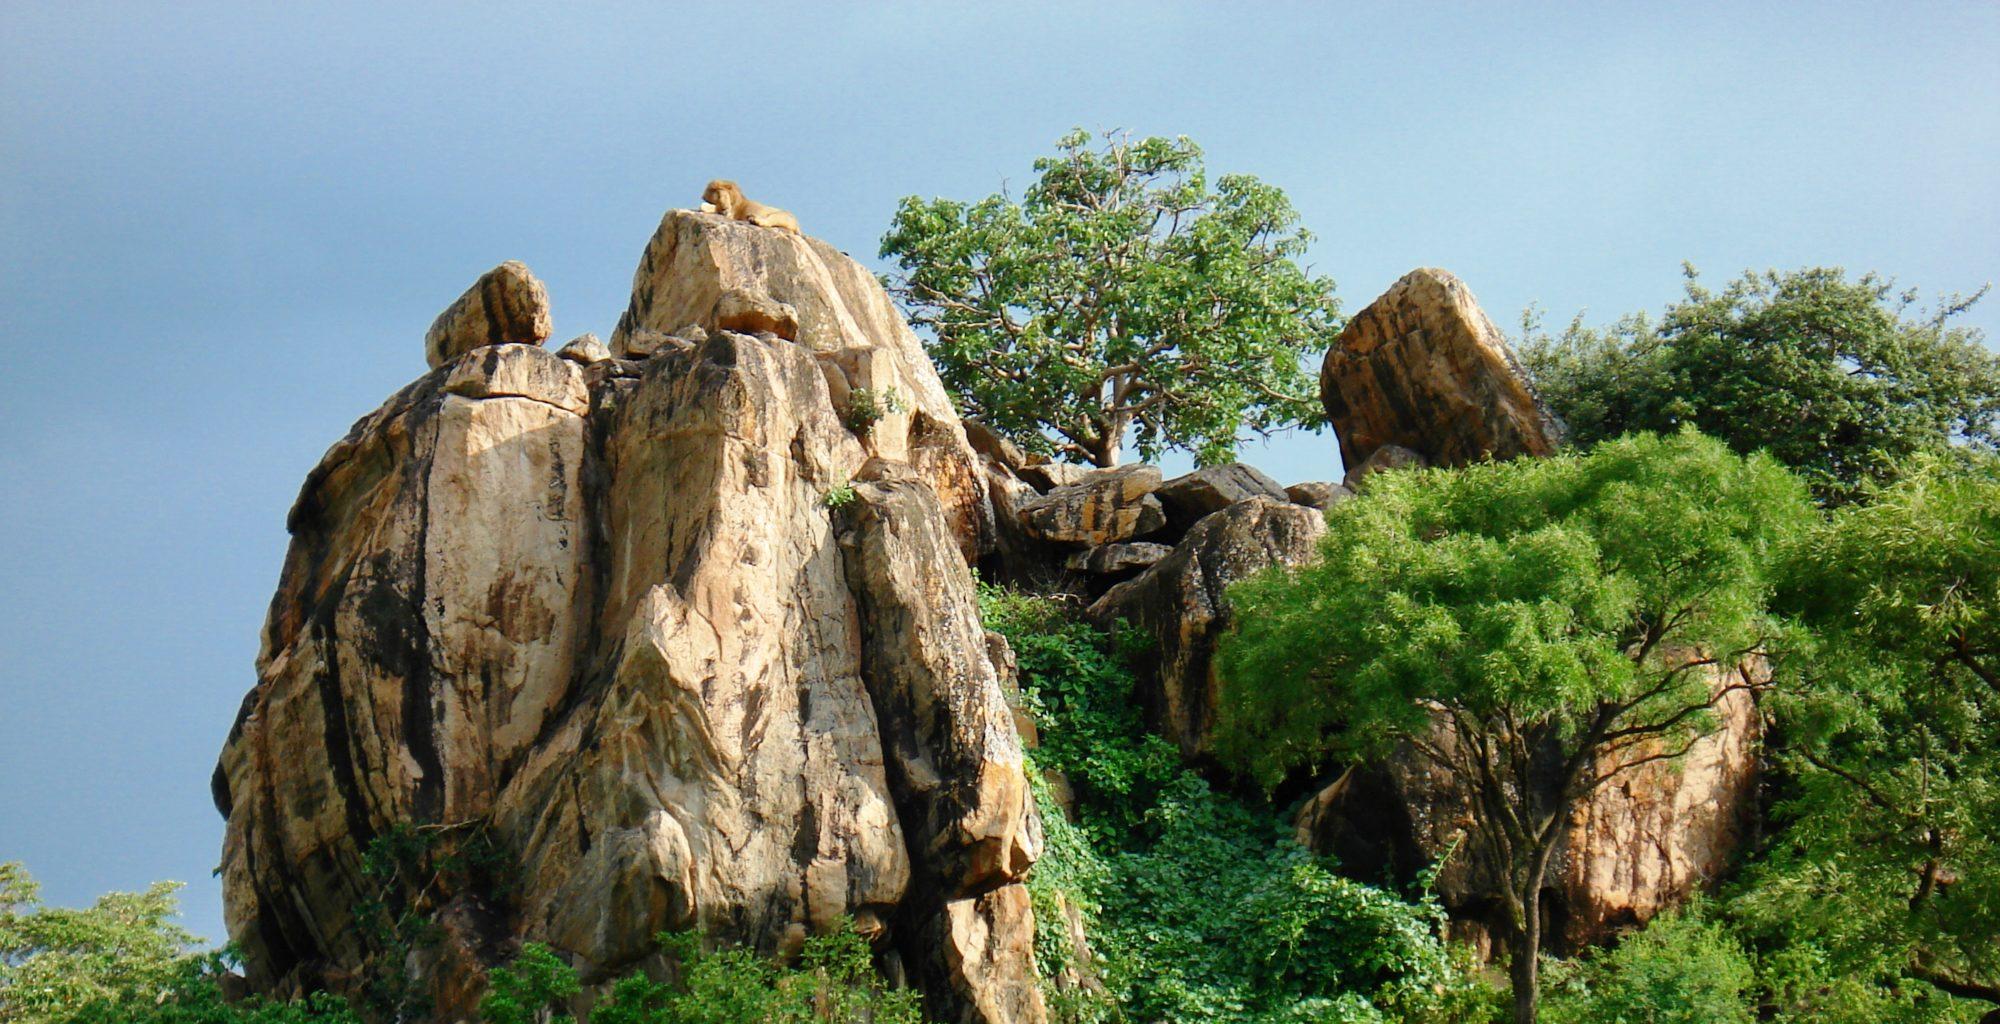 Uganda-Kidepo-Valley-Rocks